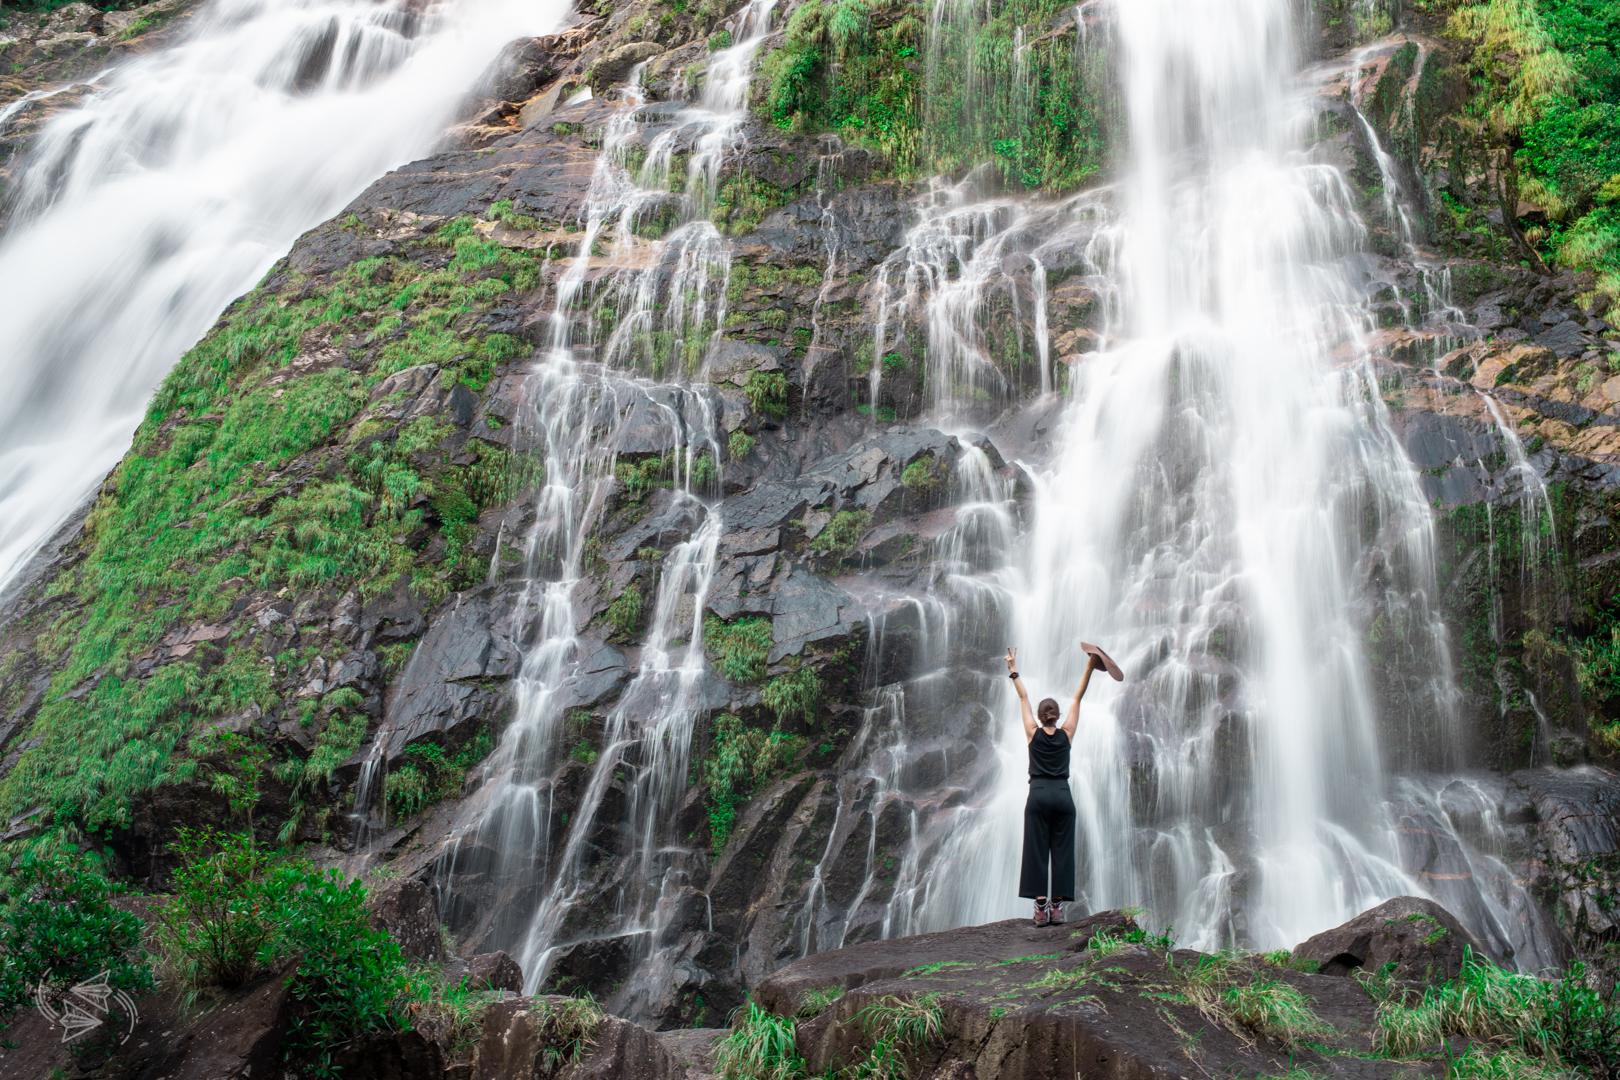 Okonotaki Falls Yakushima Kagoshima Japan